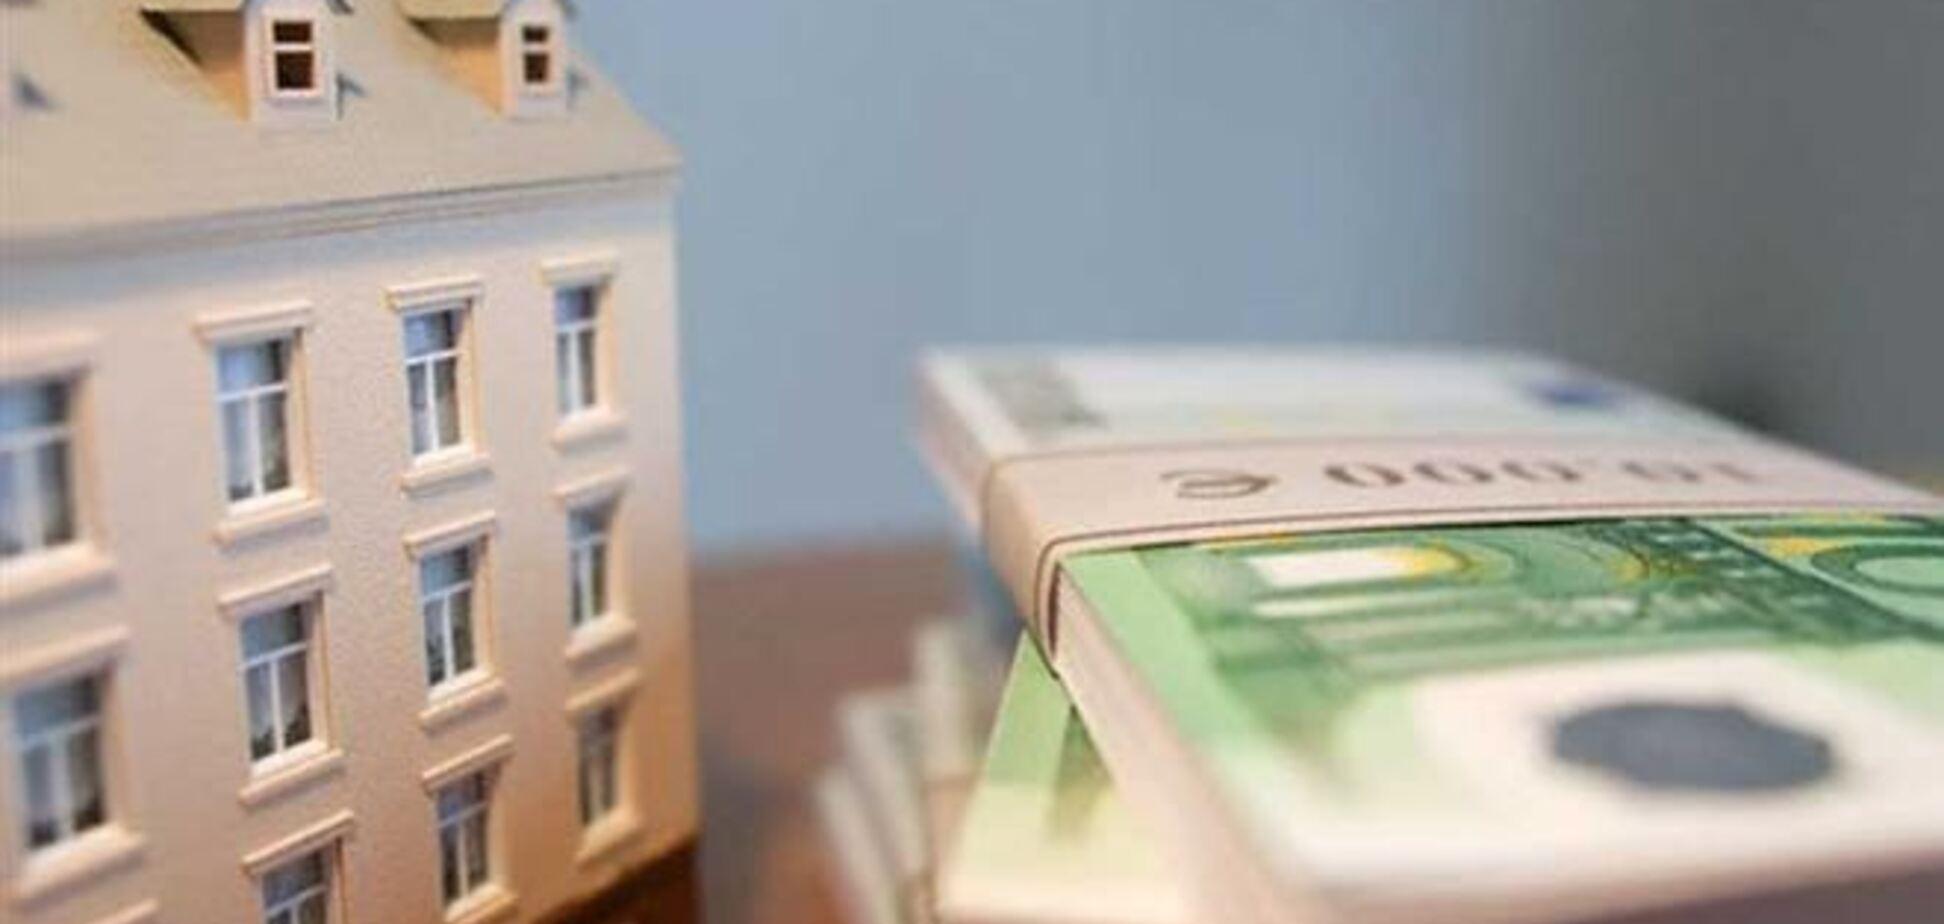 Новые правила оценки сильно повлияют на рынок недвижимости Украины